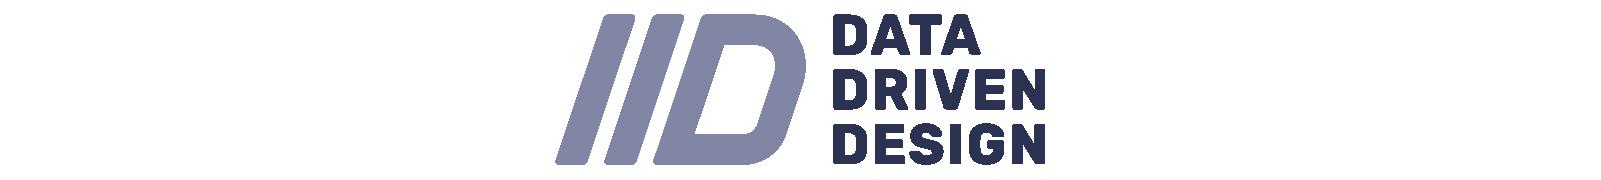 Data Driven Design snipe